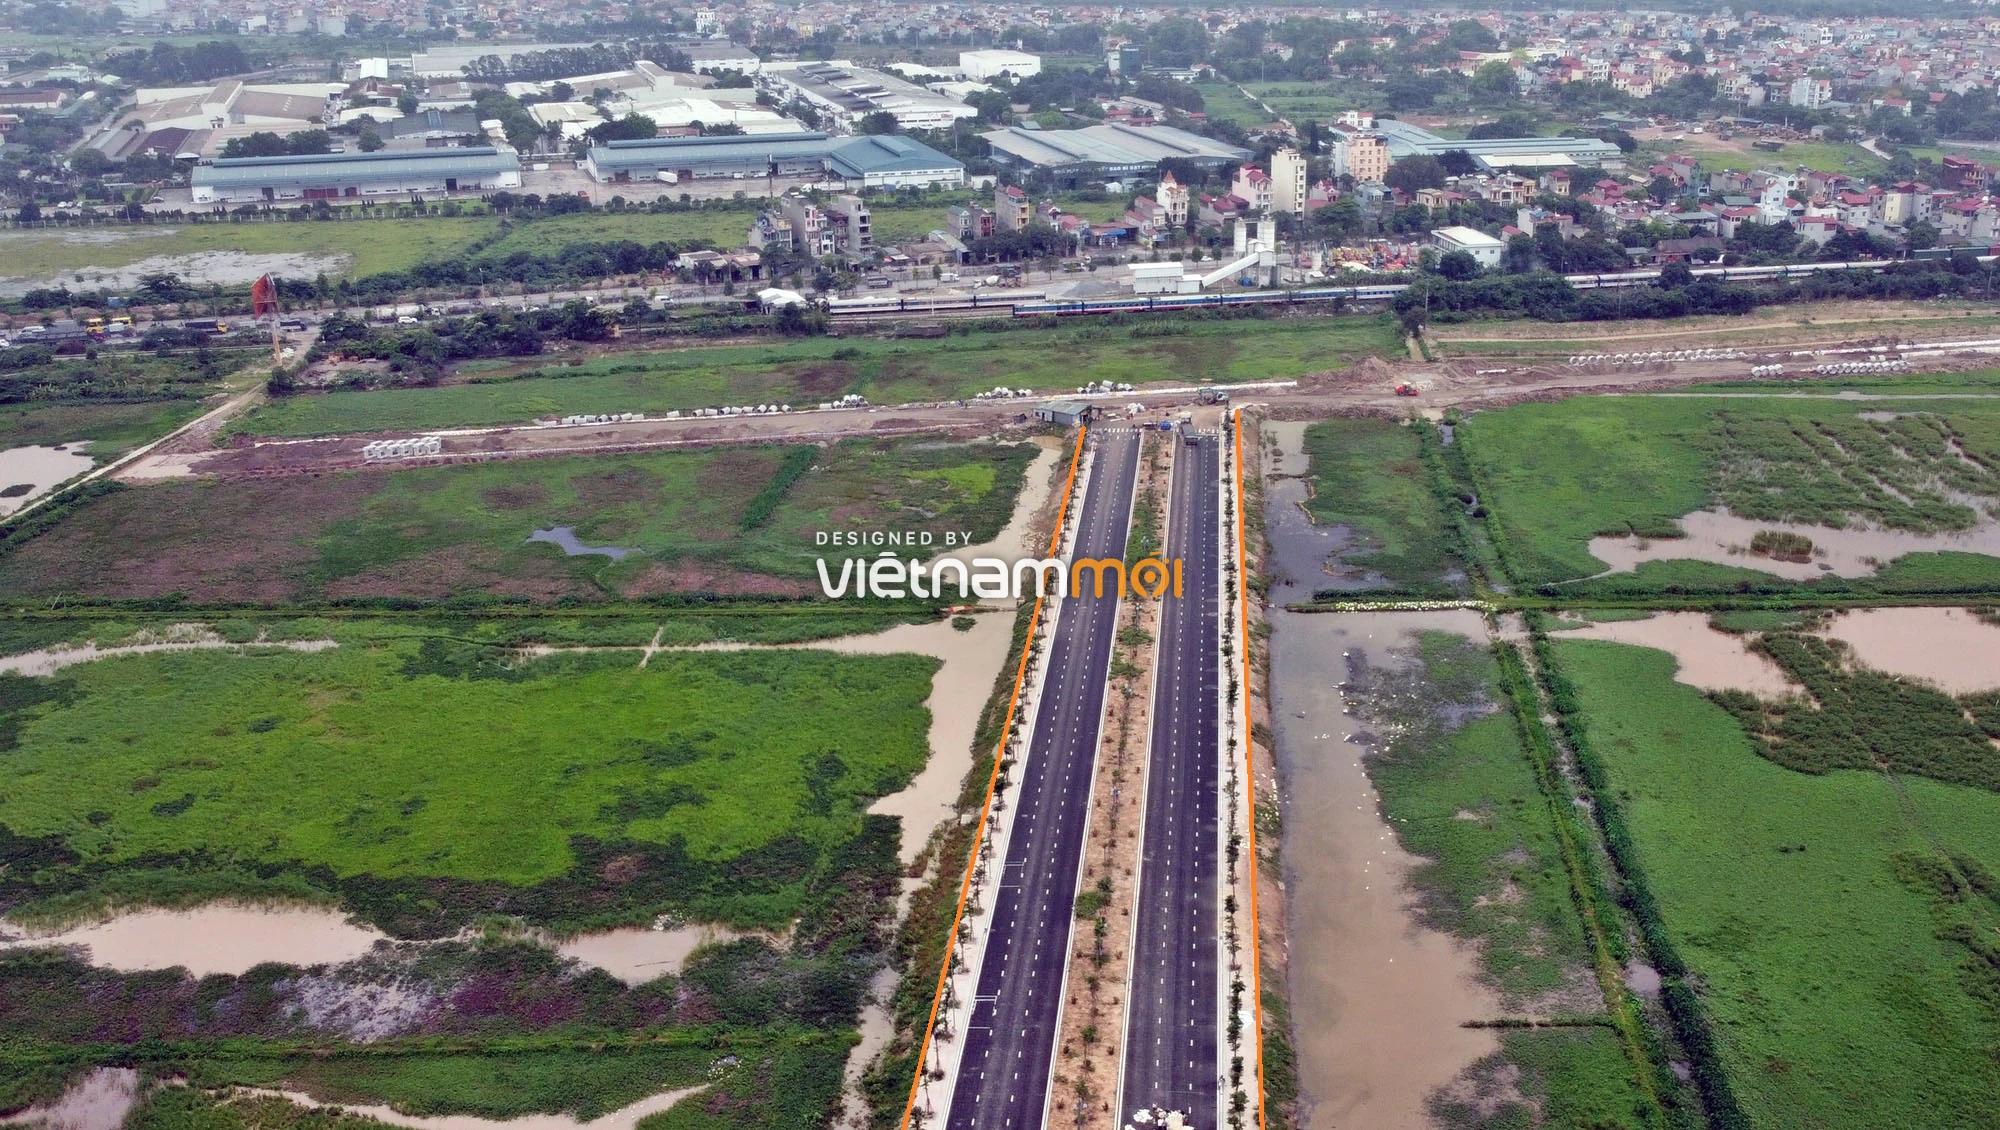 Toàn cảnh đường nối Vinhomes Ocean Park với ga Phú Thụy đang mở theo quy hoạch ở Hà Nội - Ảnh 12.